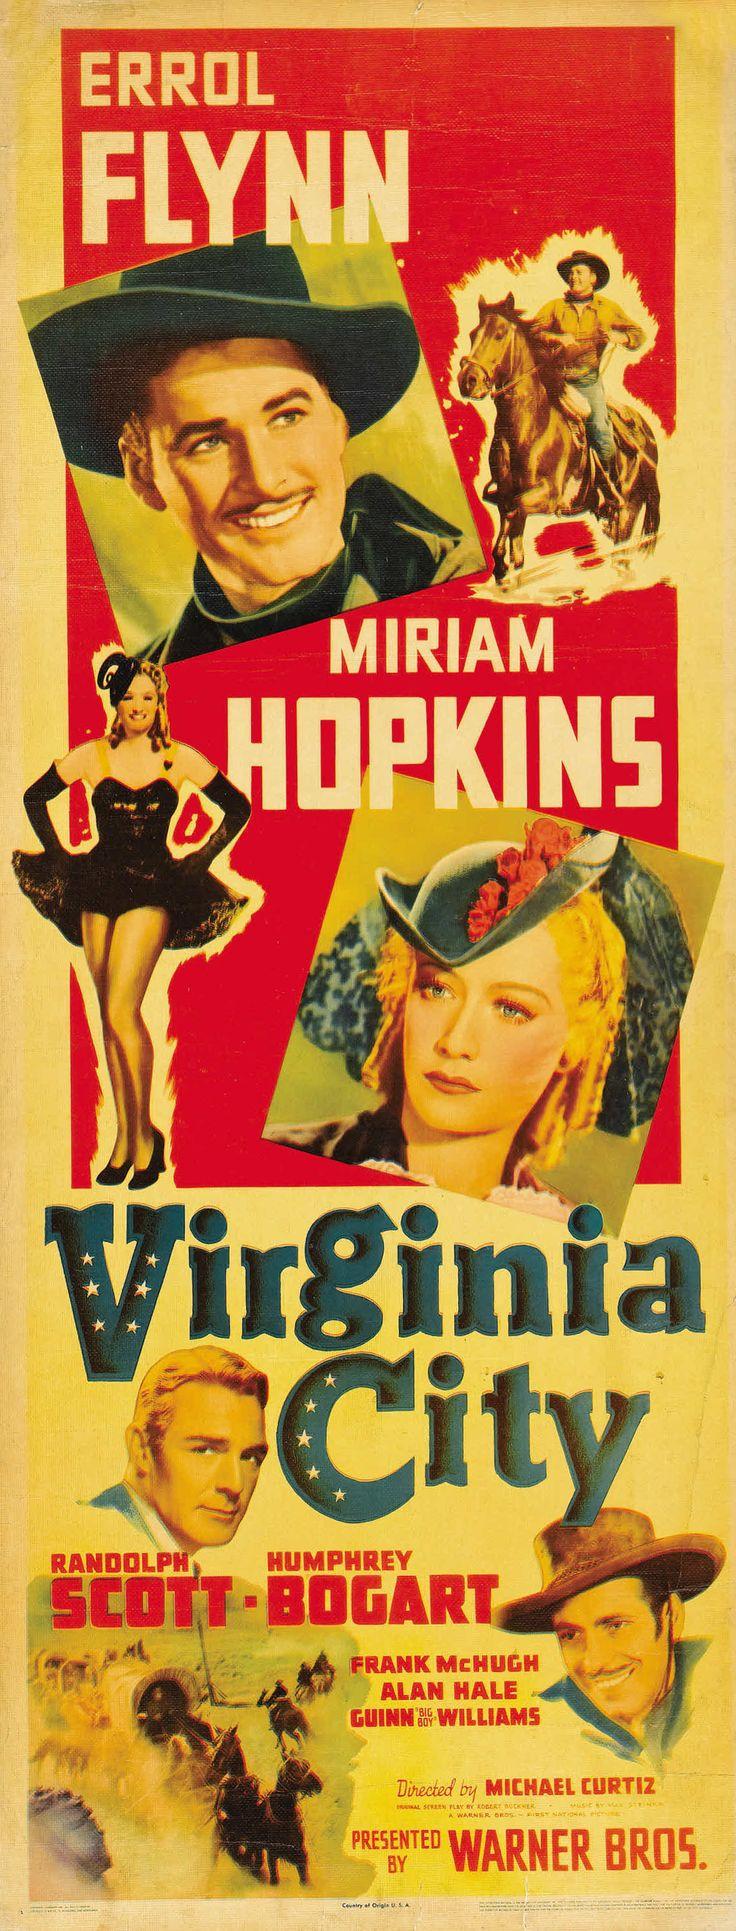 Movie poster, Virginia City 1940 starring Errol Flynn, Humphrey Bogart and Miriam Hopkins